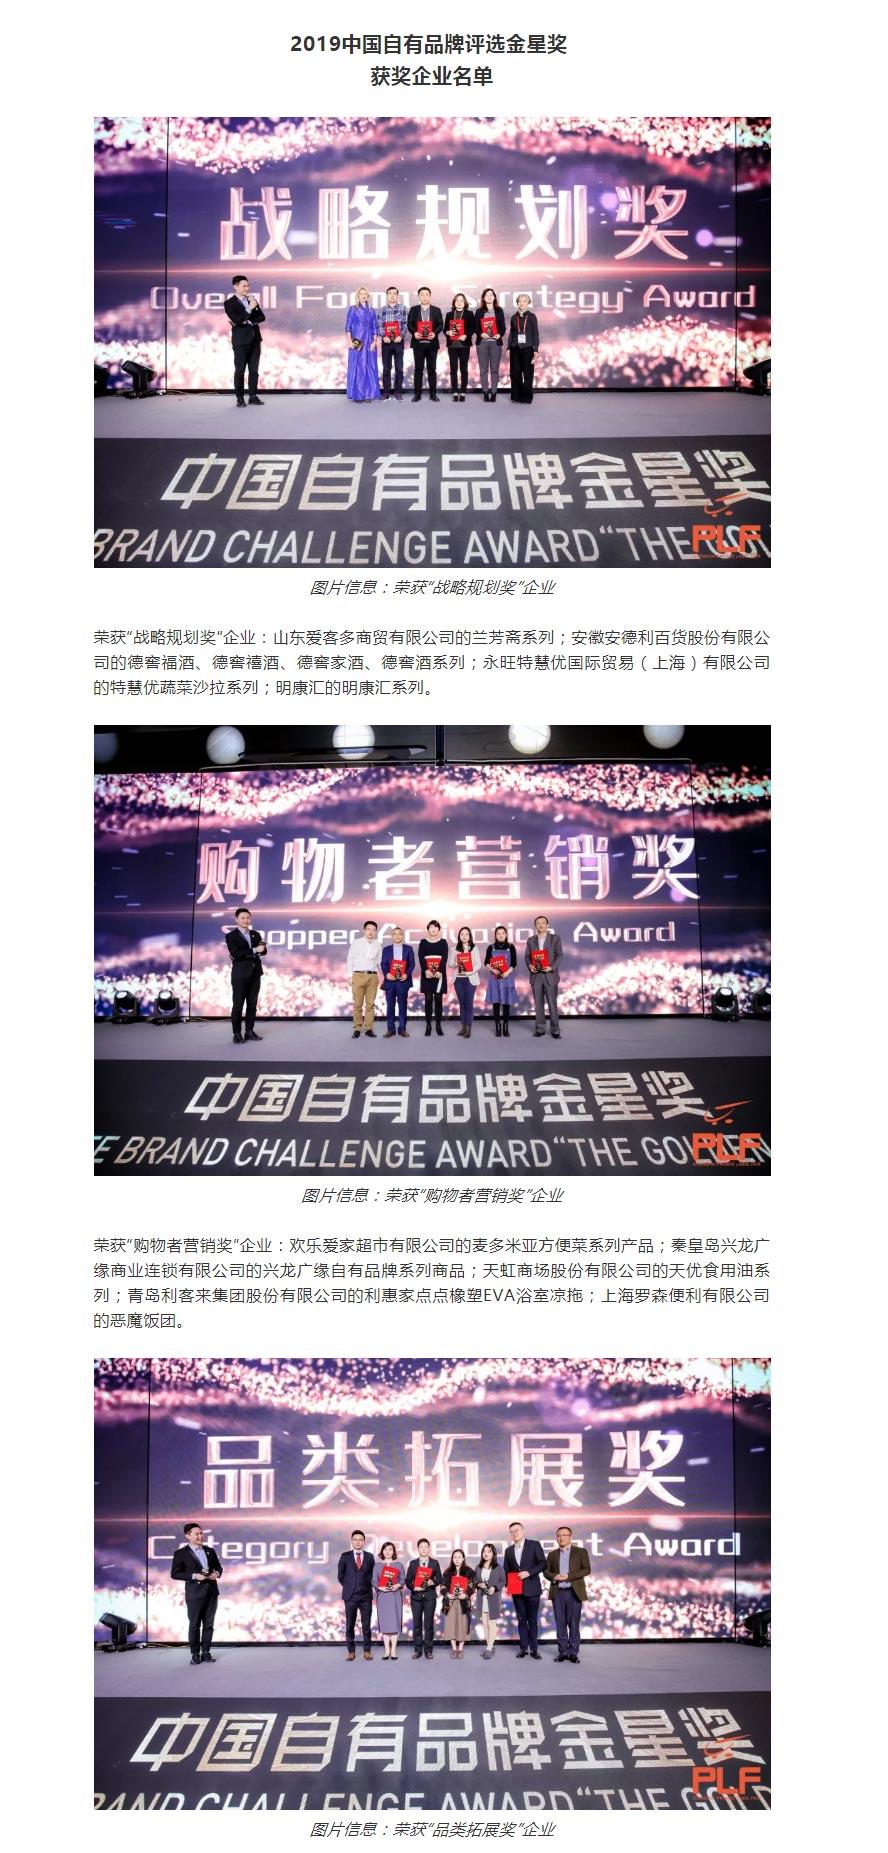 【盛典】中国自有品牌金星奖颁奖晚宴_01.jpg